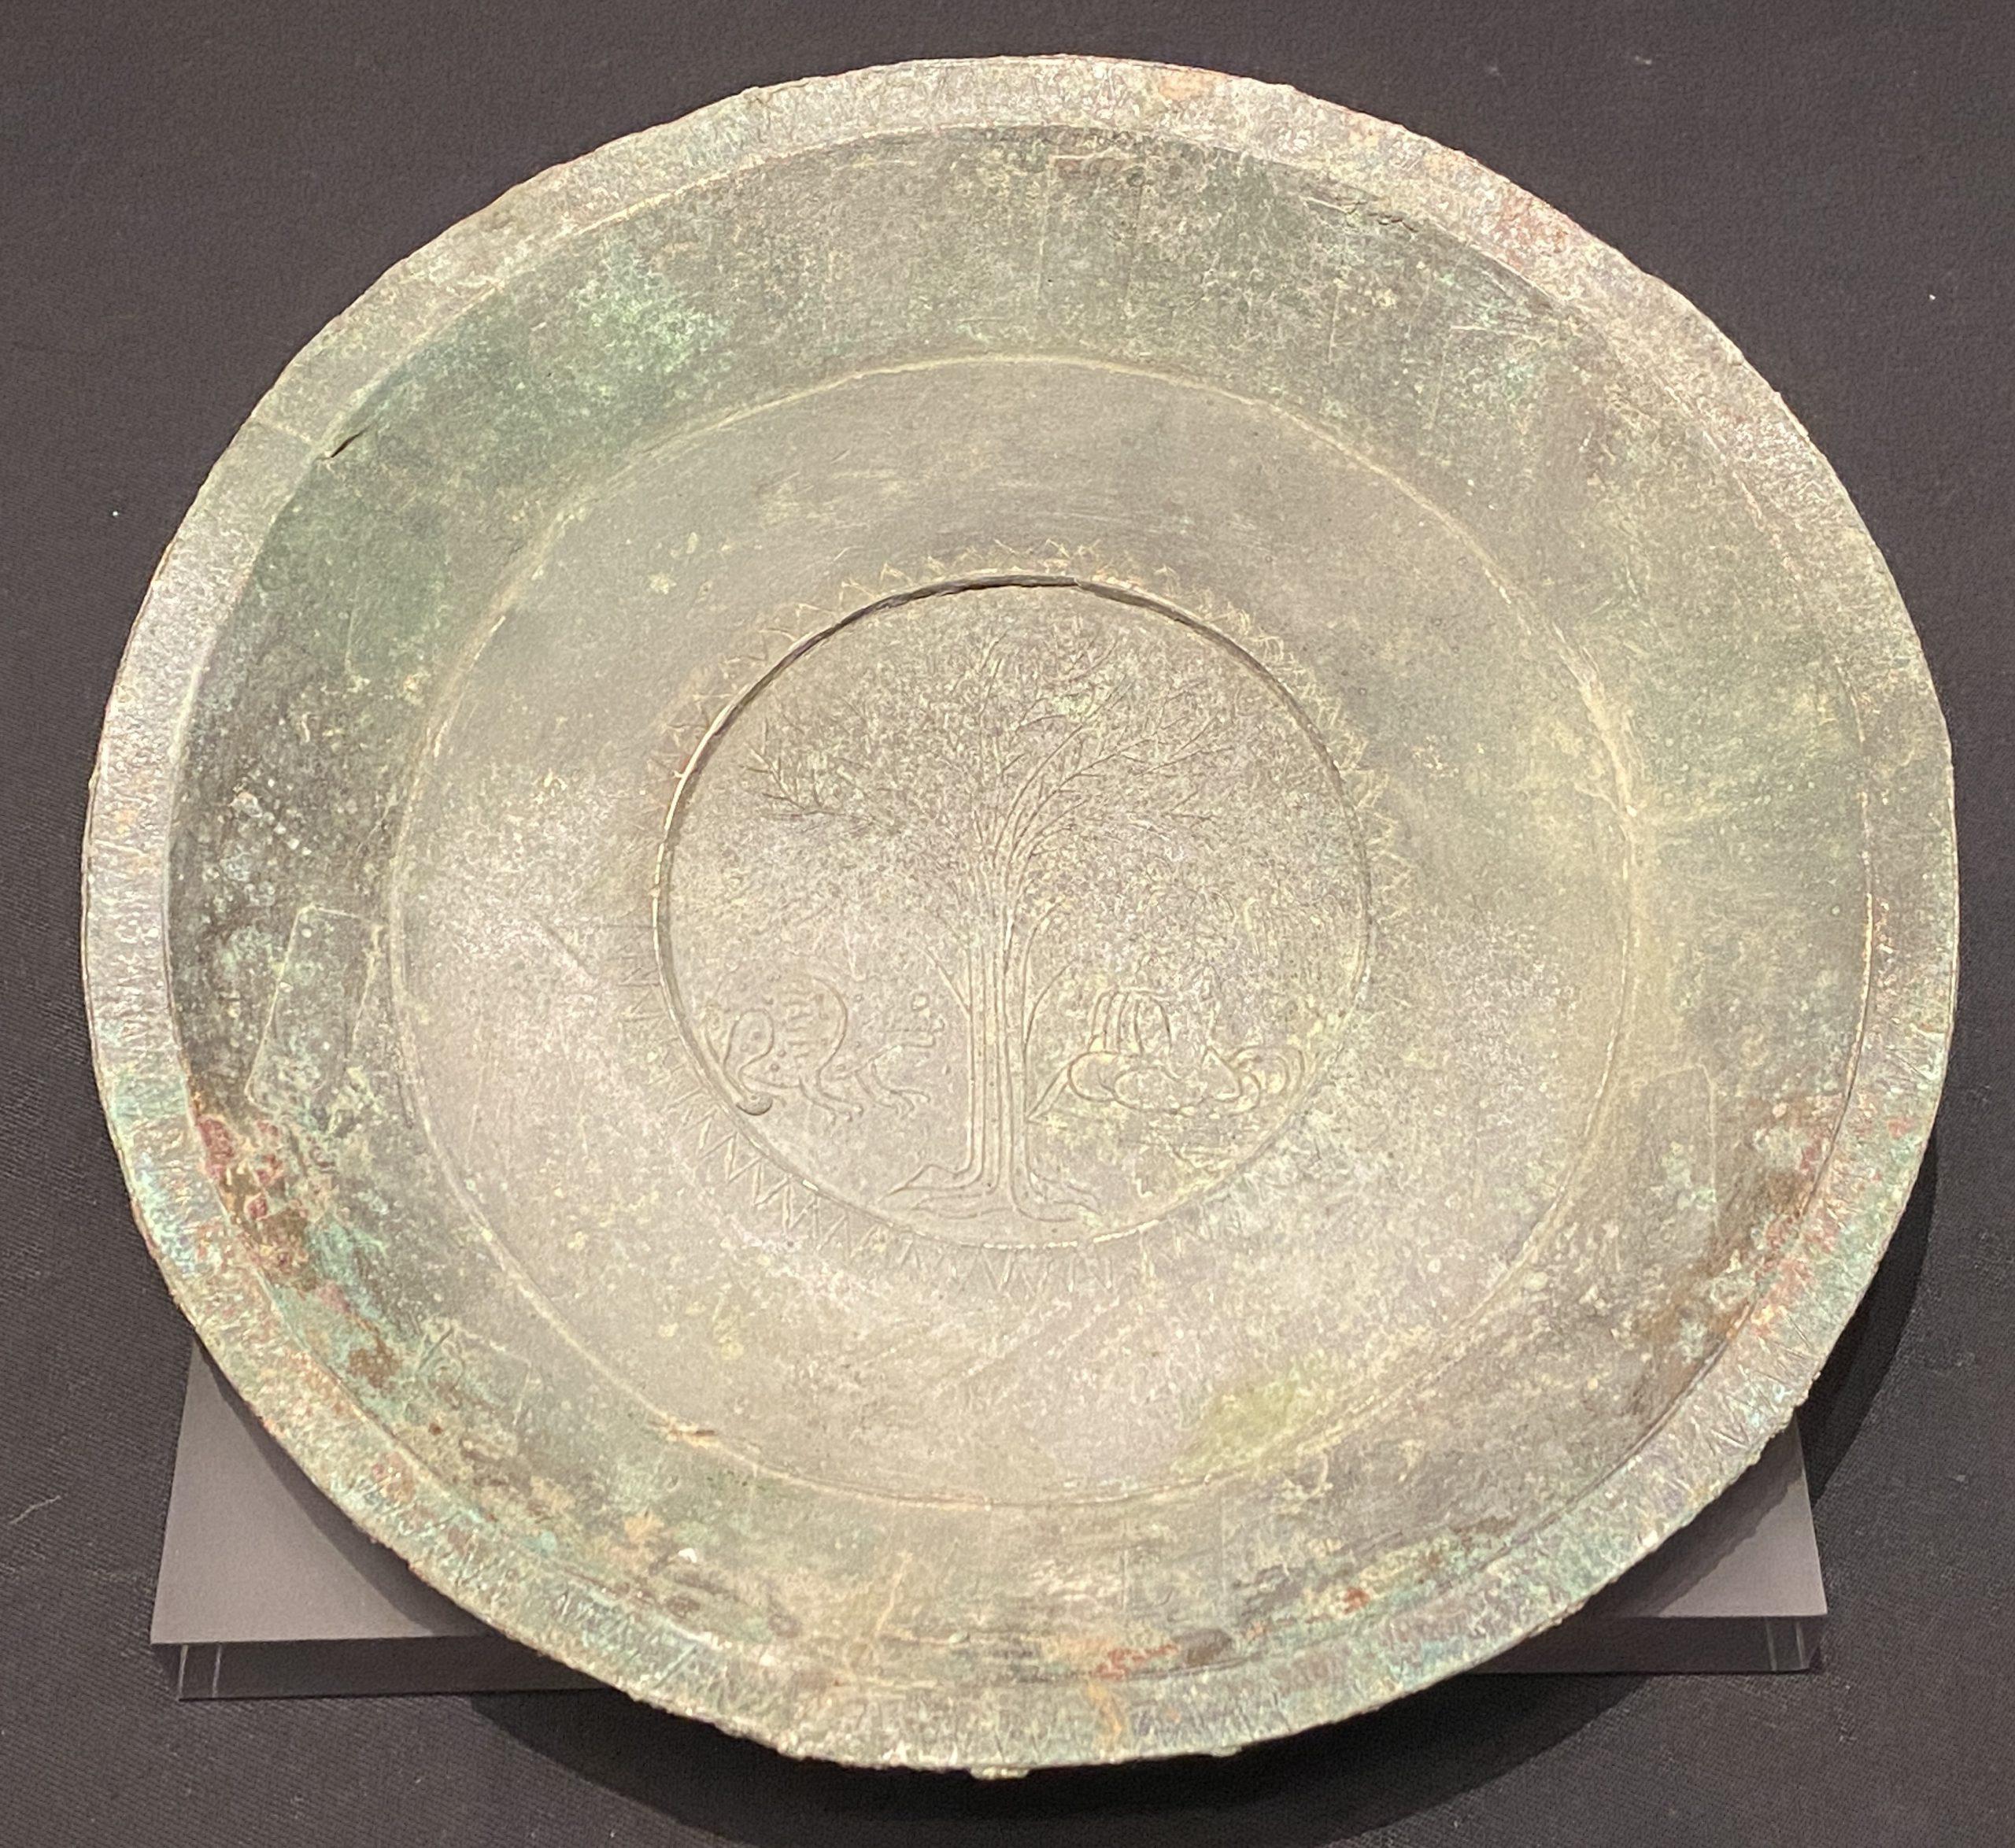 銅盤-【列備五都-秦漢時代の中国都市】-成都博物館-四川成都